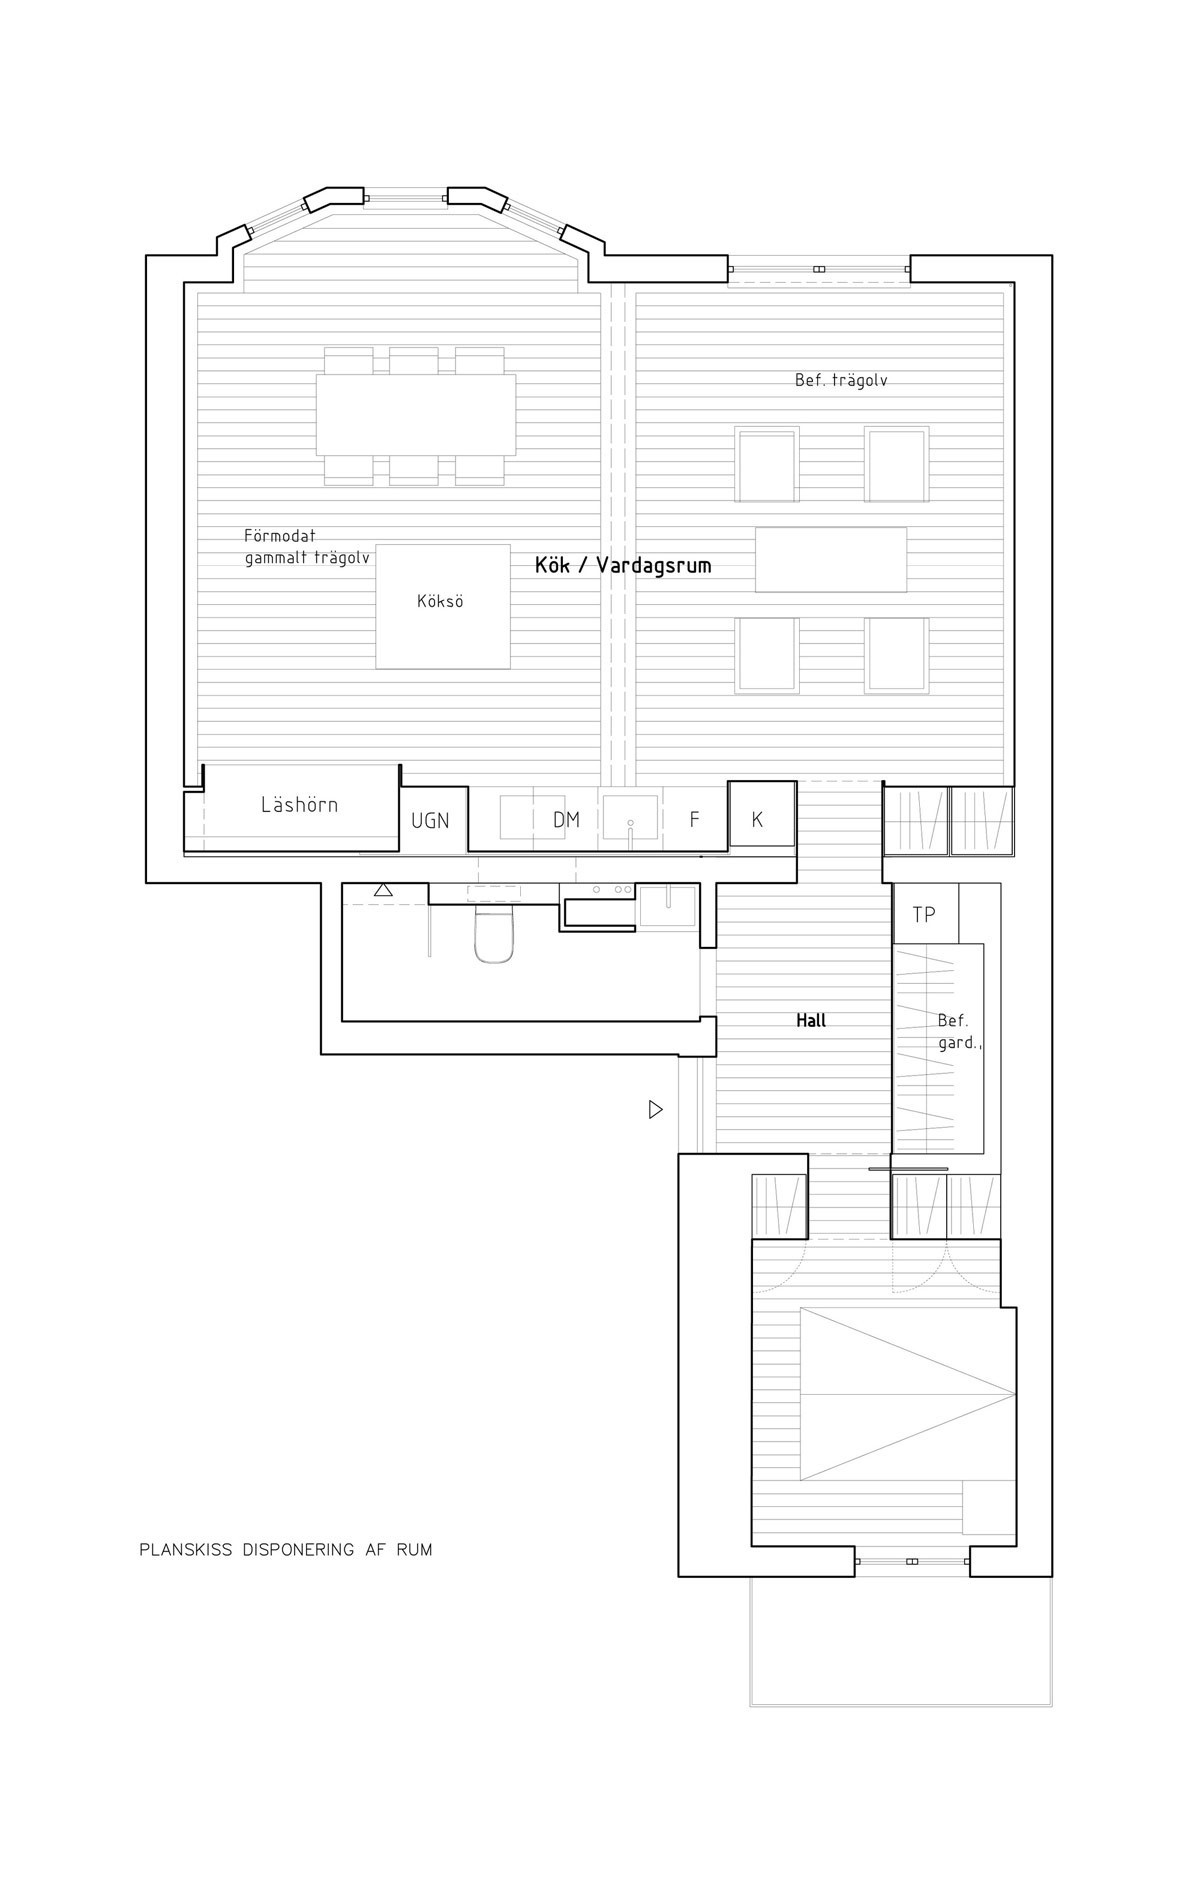 Sơ đồ mặt bằng cho thấy việc sử dụng thực tế của không gian và vị trí của ba bức tường chức năng bespoke